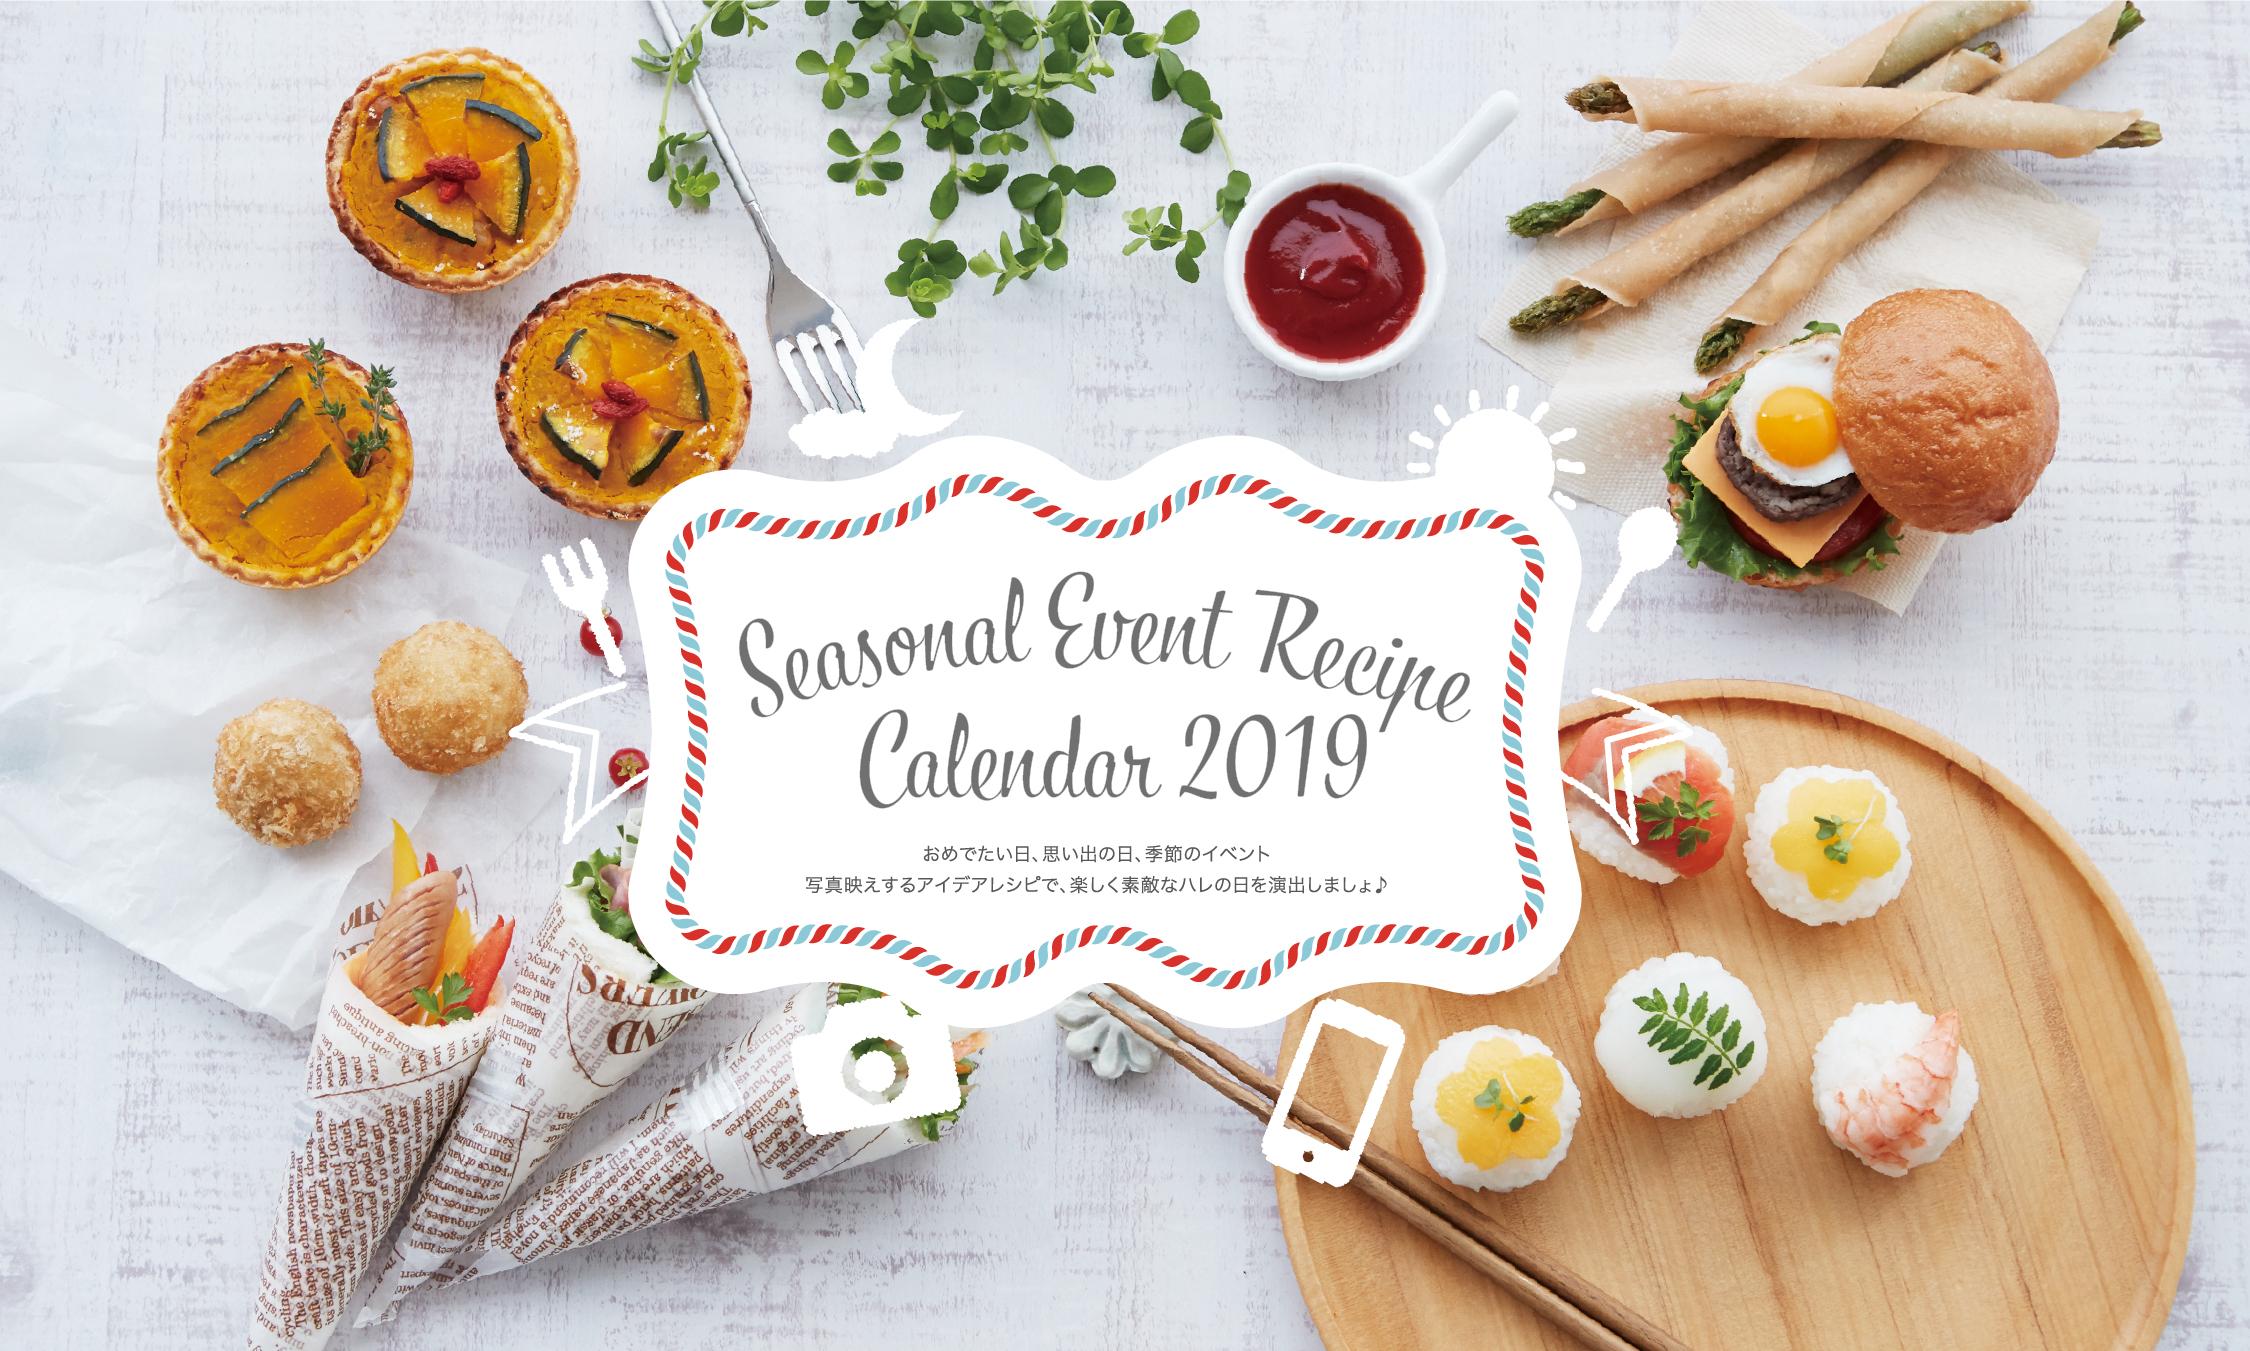 12ヵ月分の料理写真を綴った レシピカレンダーをトータルプロデュース。